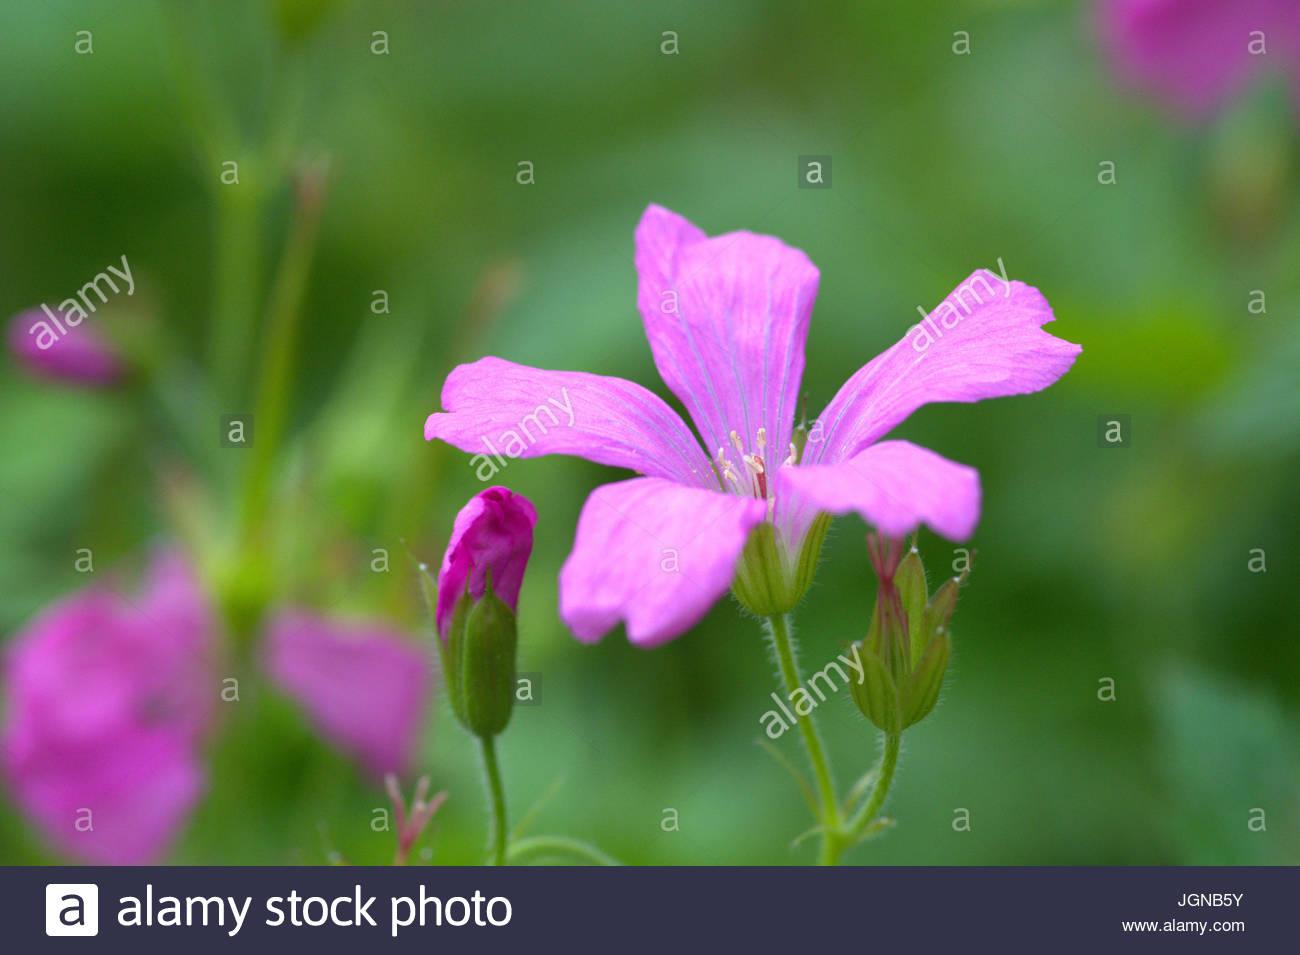 Die Blüte des Wiesen-Storchschnabels mit rosa Blütenkronblättern als Makro. - Stock Image